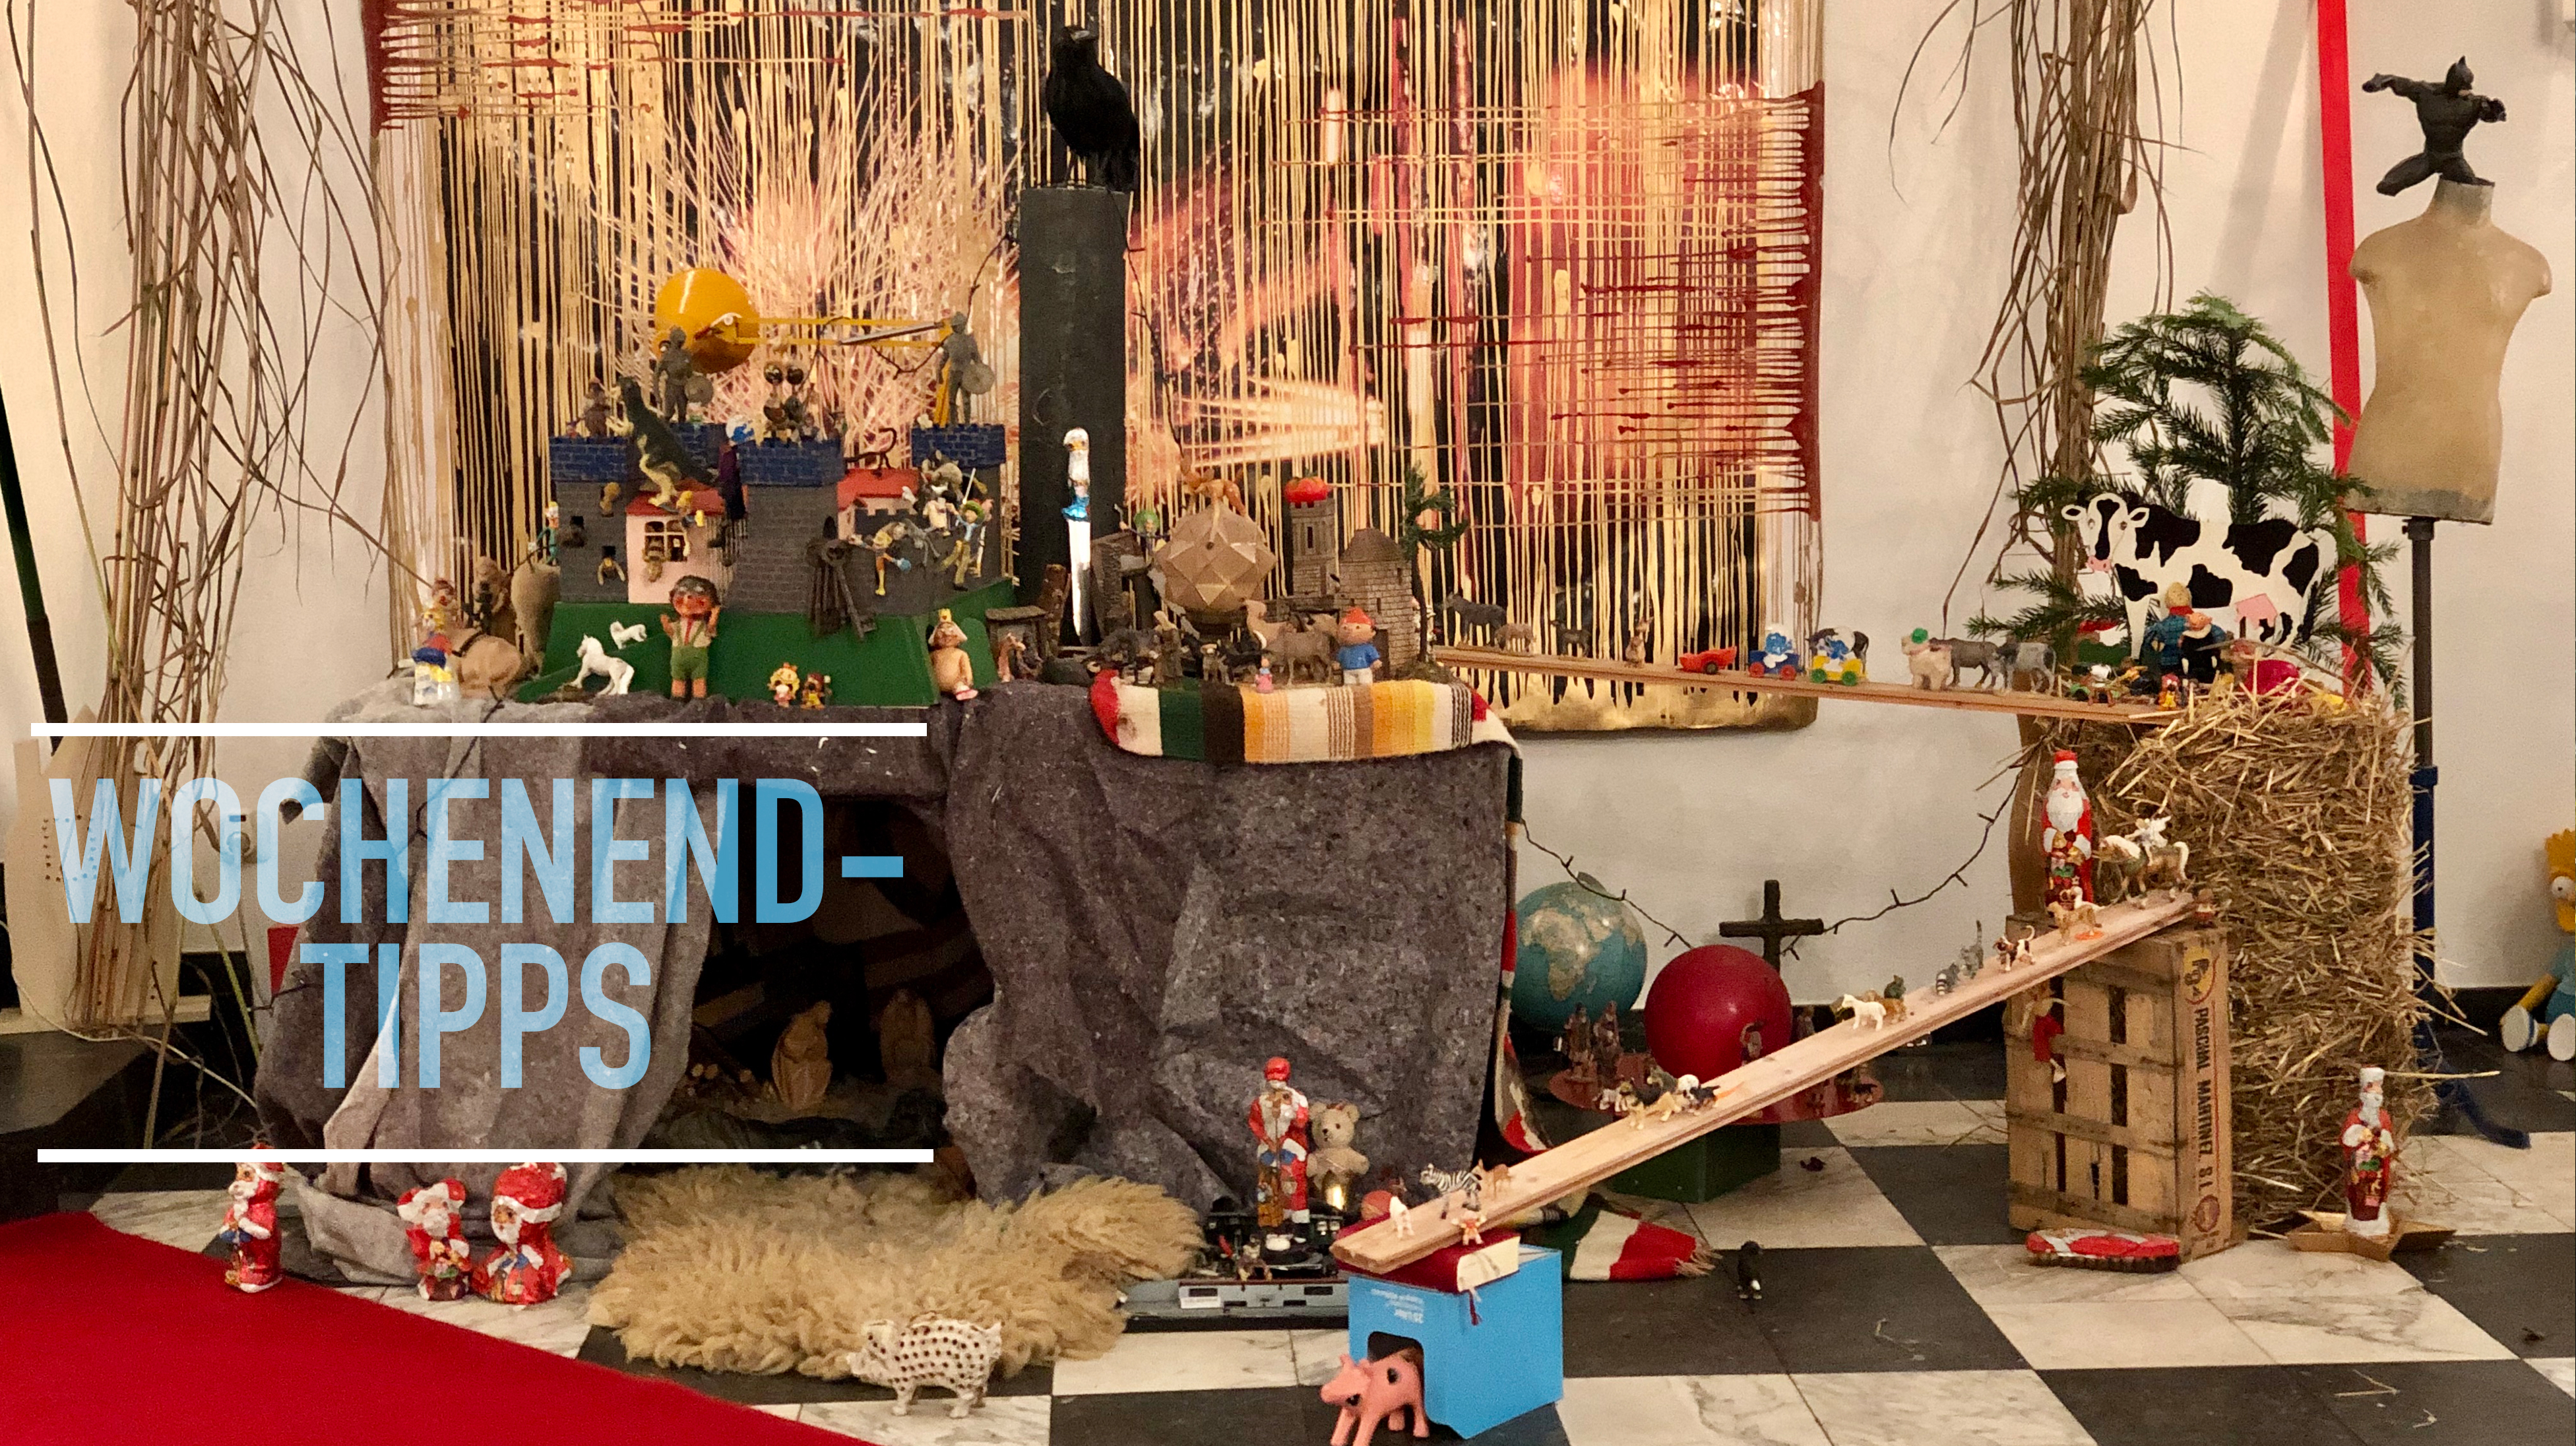 Wochenendtipps: Literatur, Weihnachtsoratorium, heitere und besinnliche Texte und Lieder, Mitsingkonzert, Adventskonzert